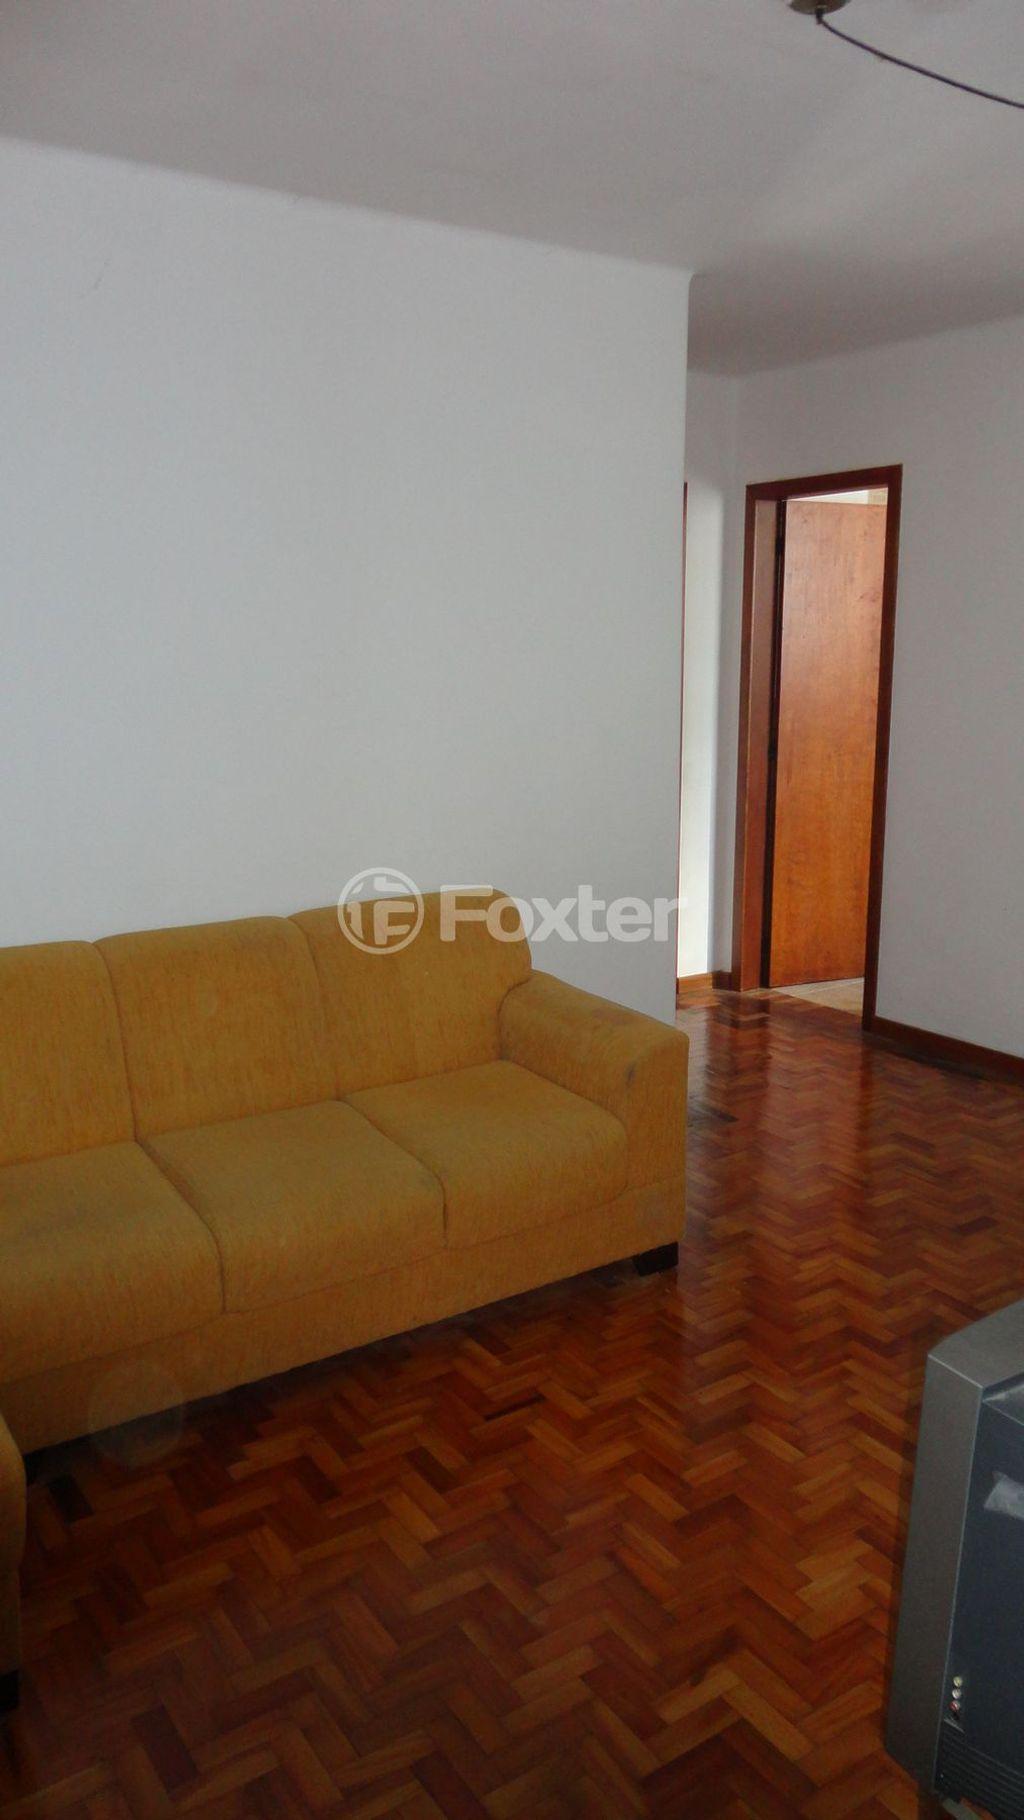 Apto 2 Dorm, Navegantes, Porto Alegre (134611) - Foto 2